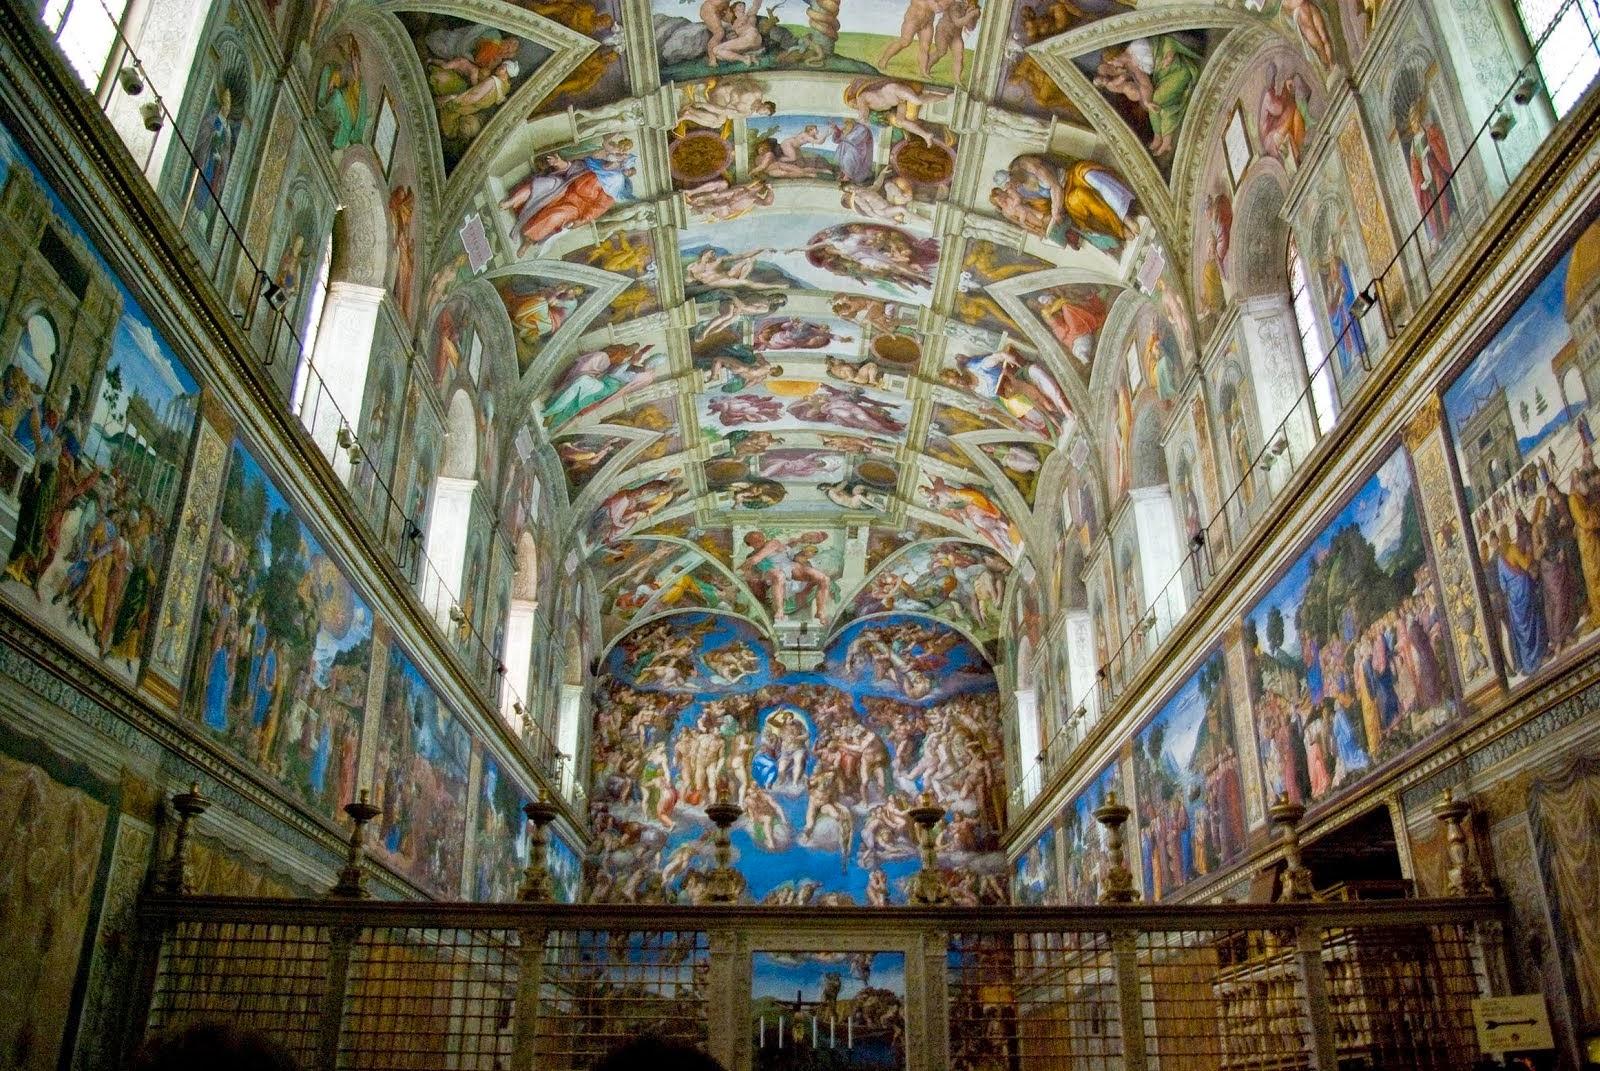 Vaticano: Capilla Sixtina